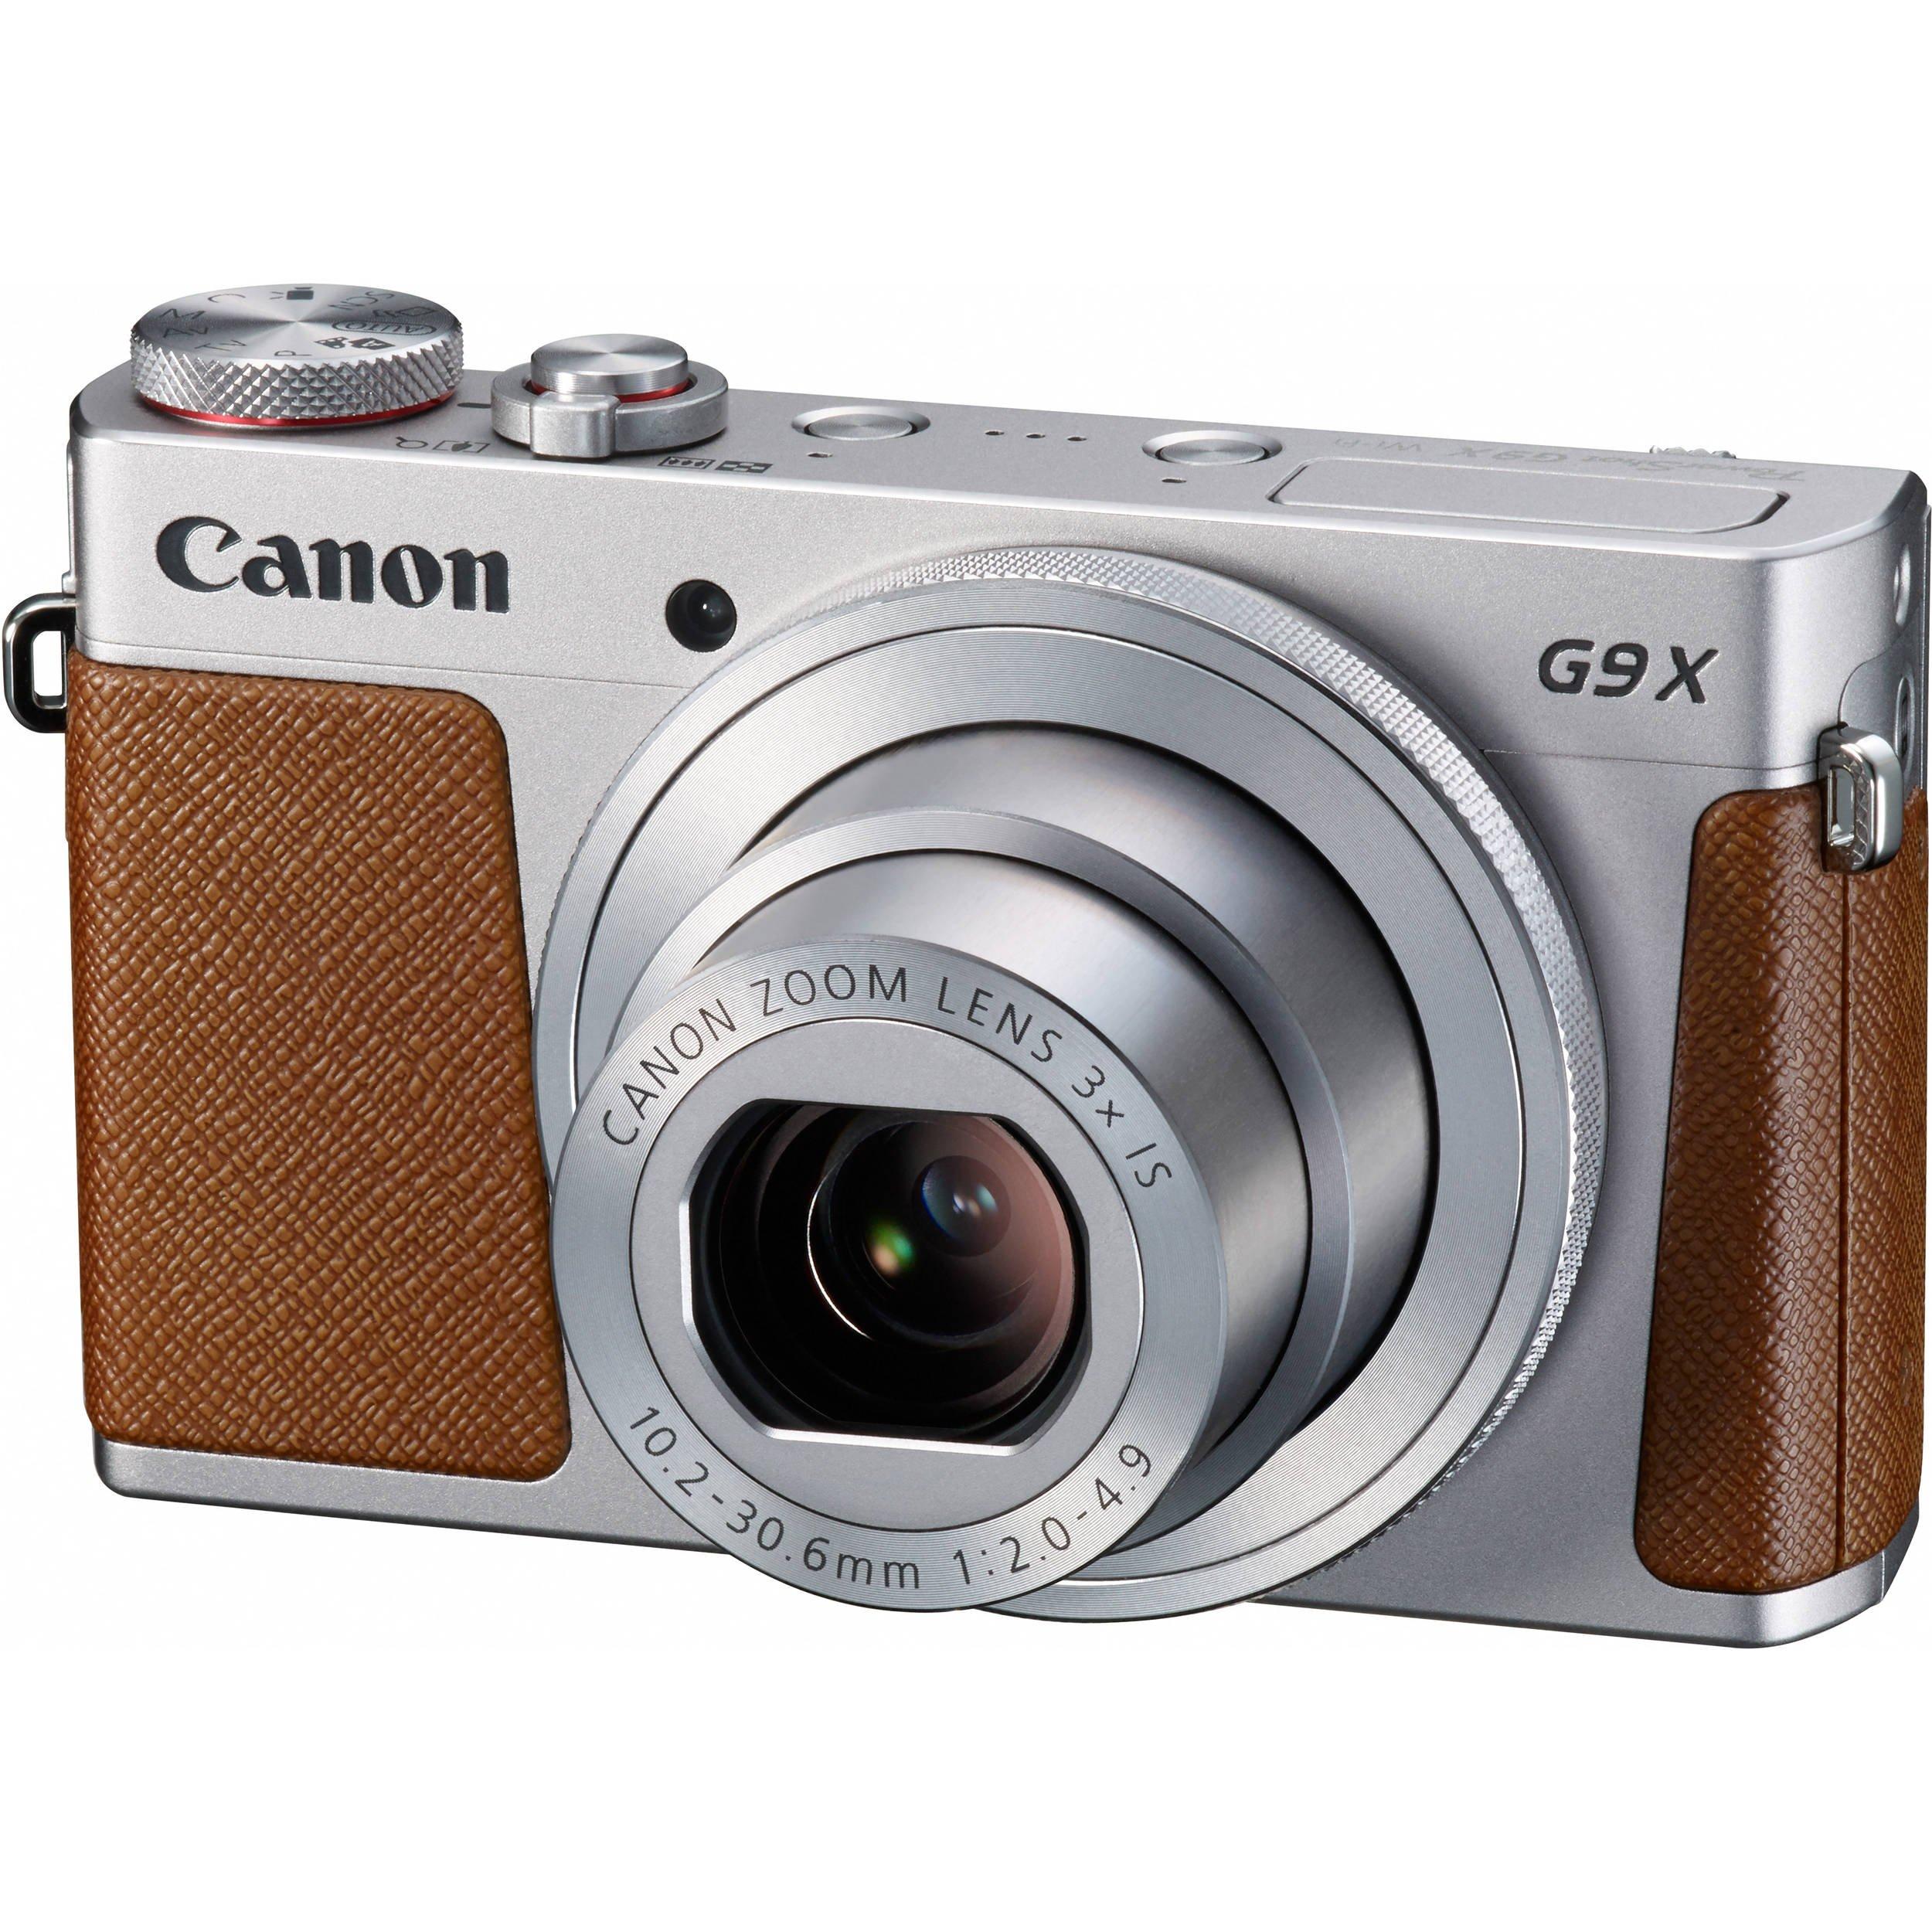 CANON PowerShot G9 X stříbrný + SDHC 16GB + získejte zpět 1000Kč